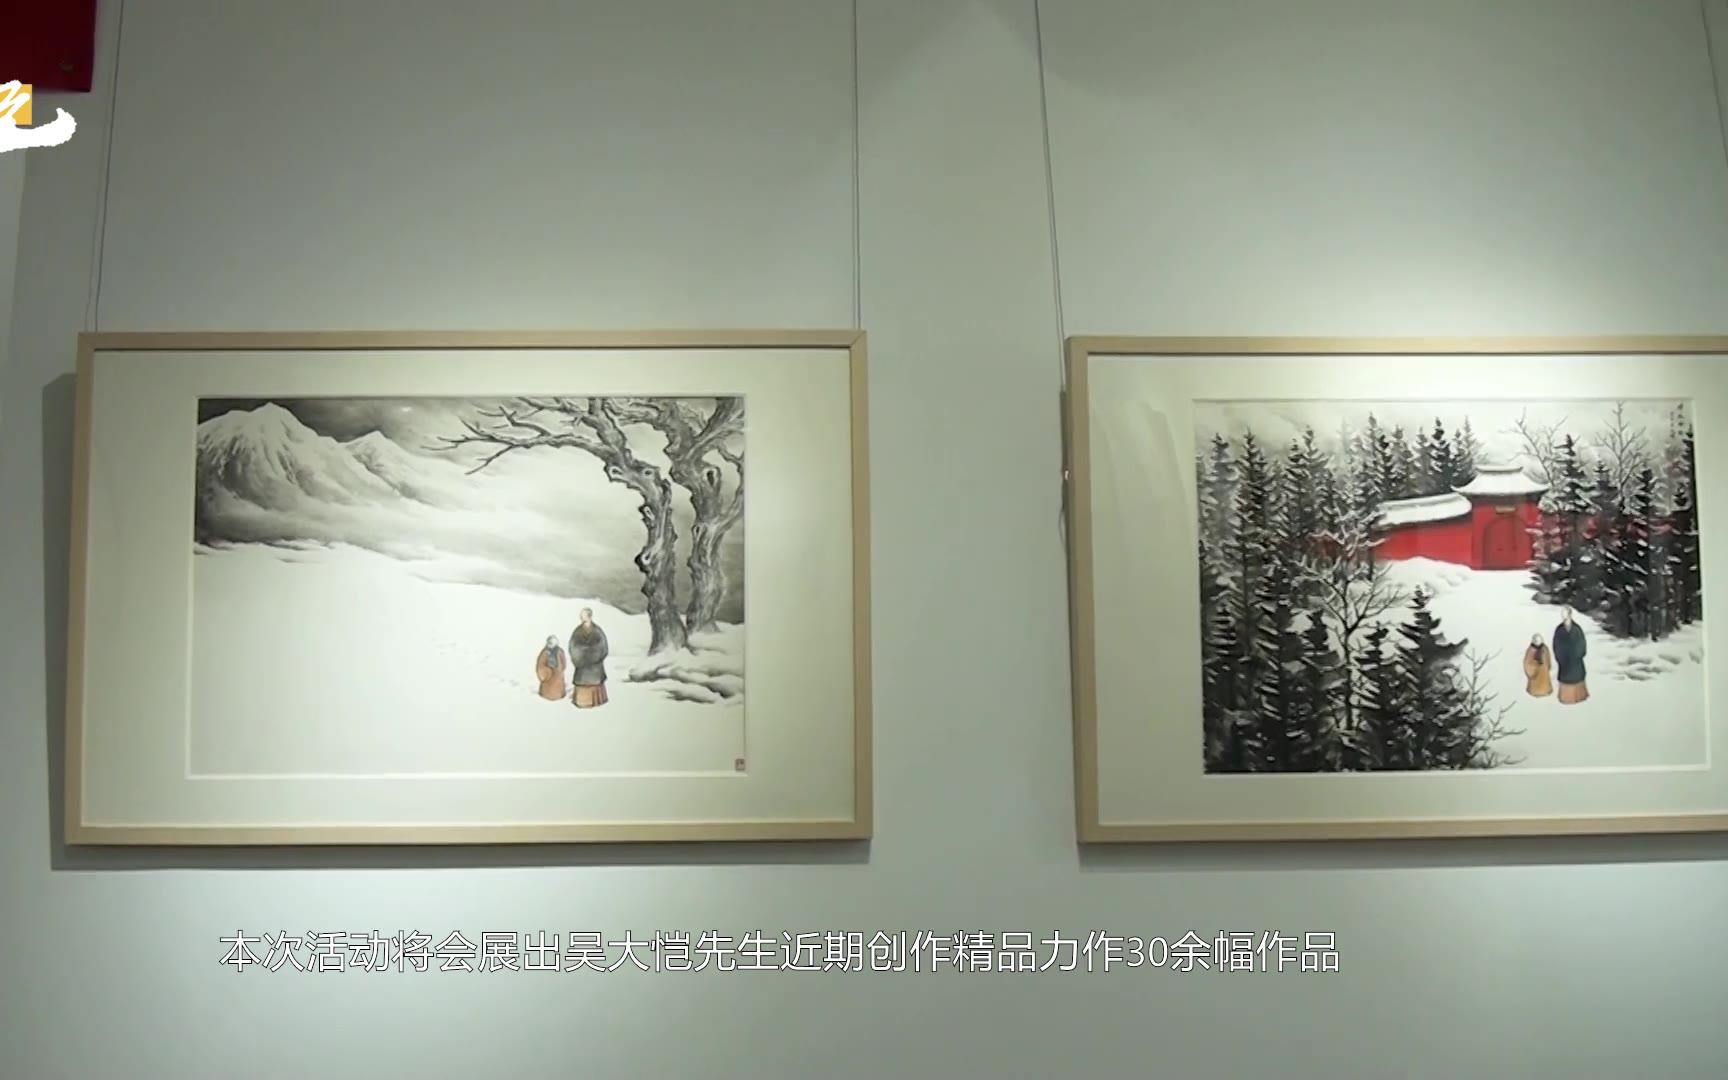 画家吴大恺《雪遇禅心》艺术沙龙